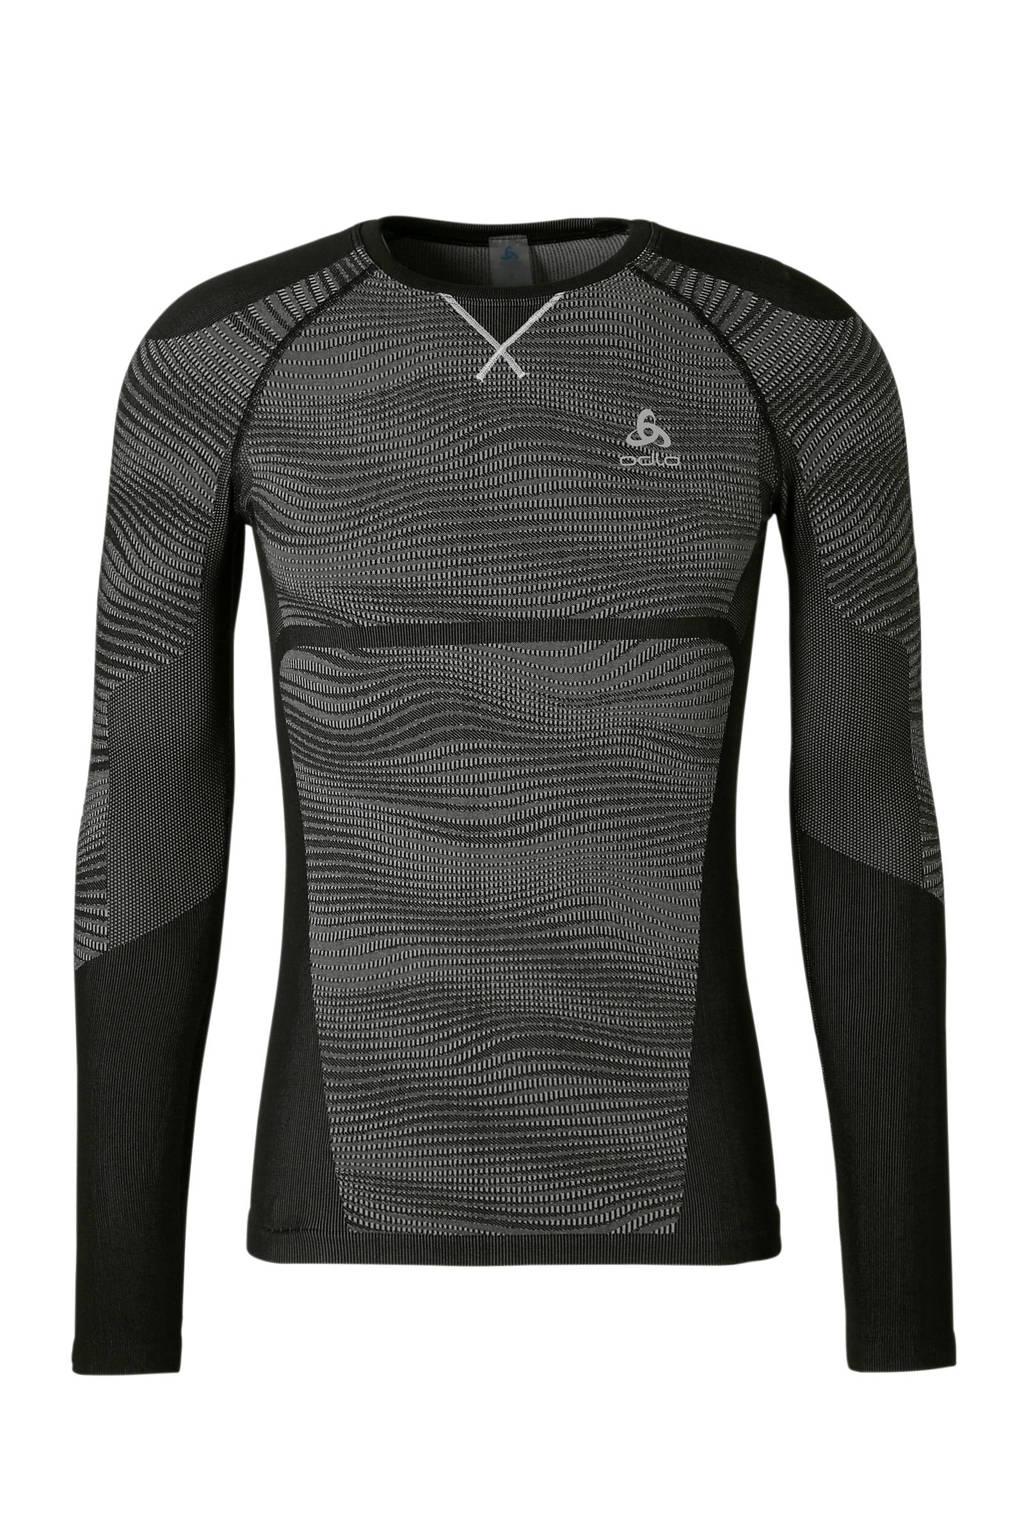 Odlo   sport T-shirt Thermo zwart, Zwart/grijs